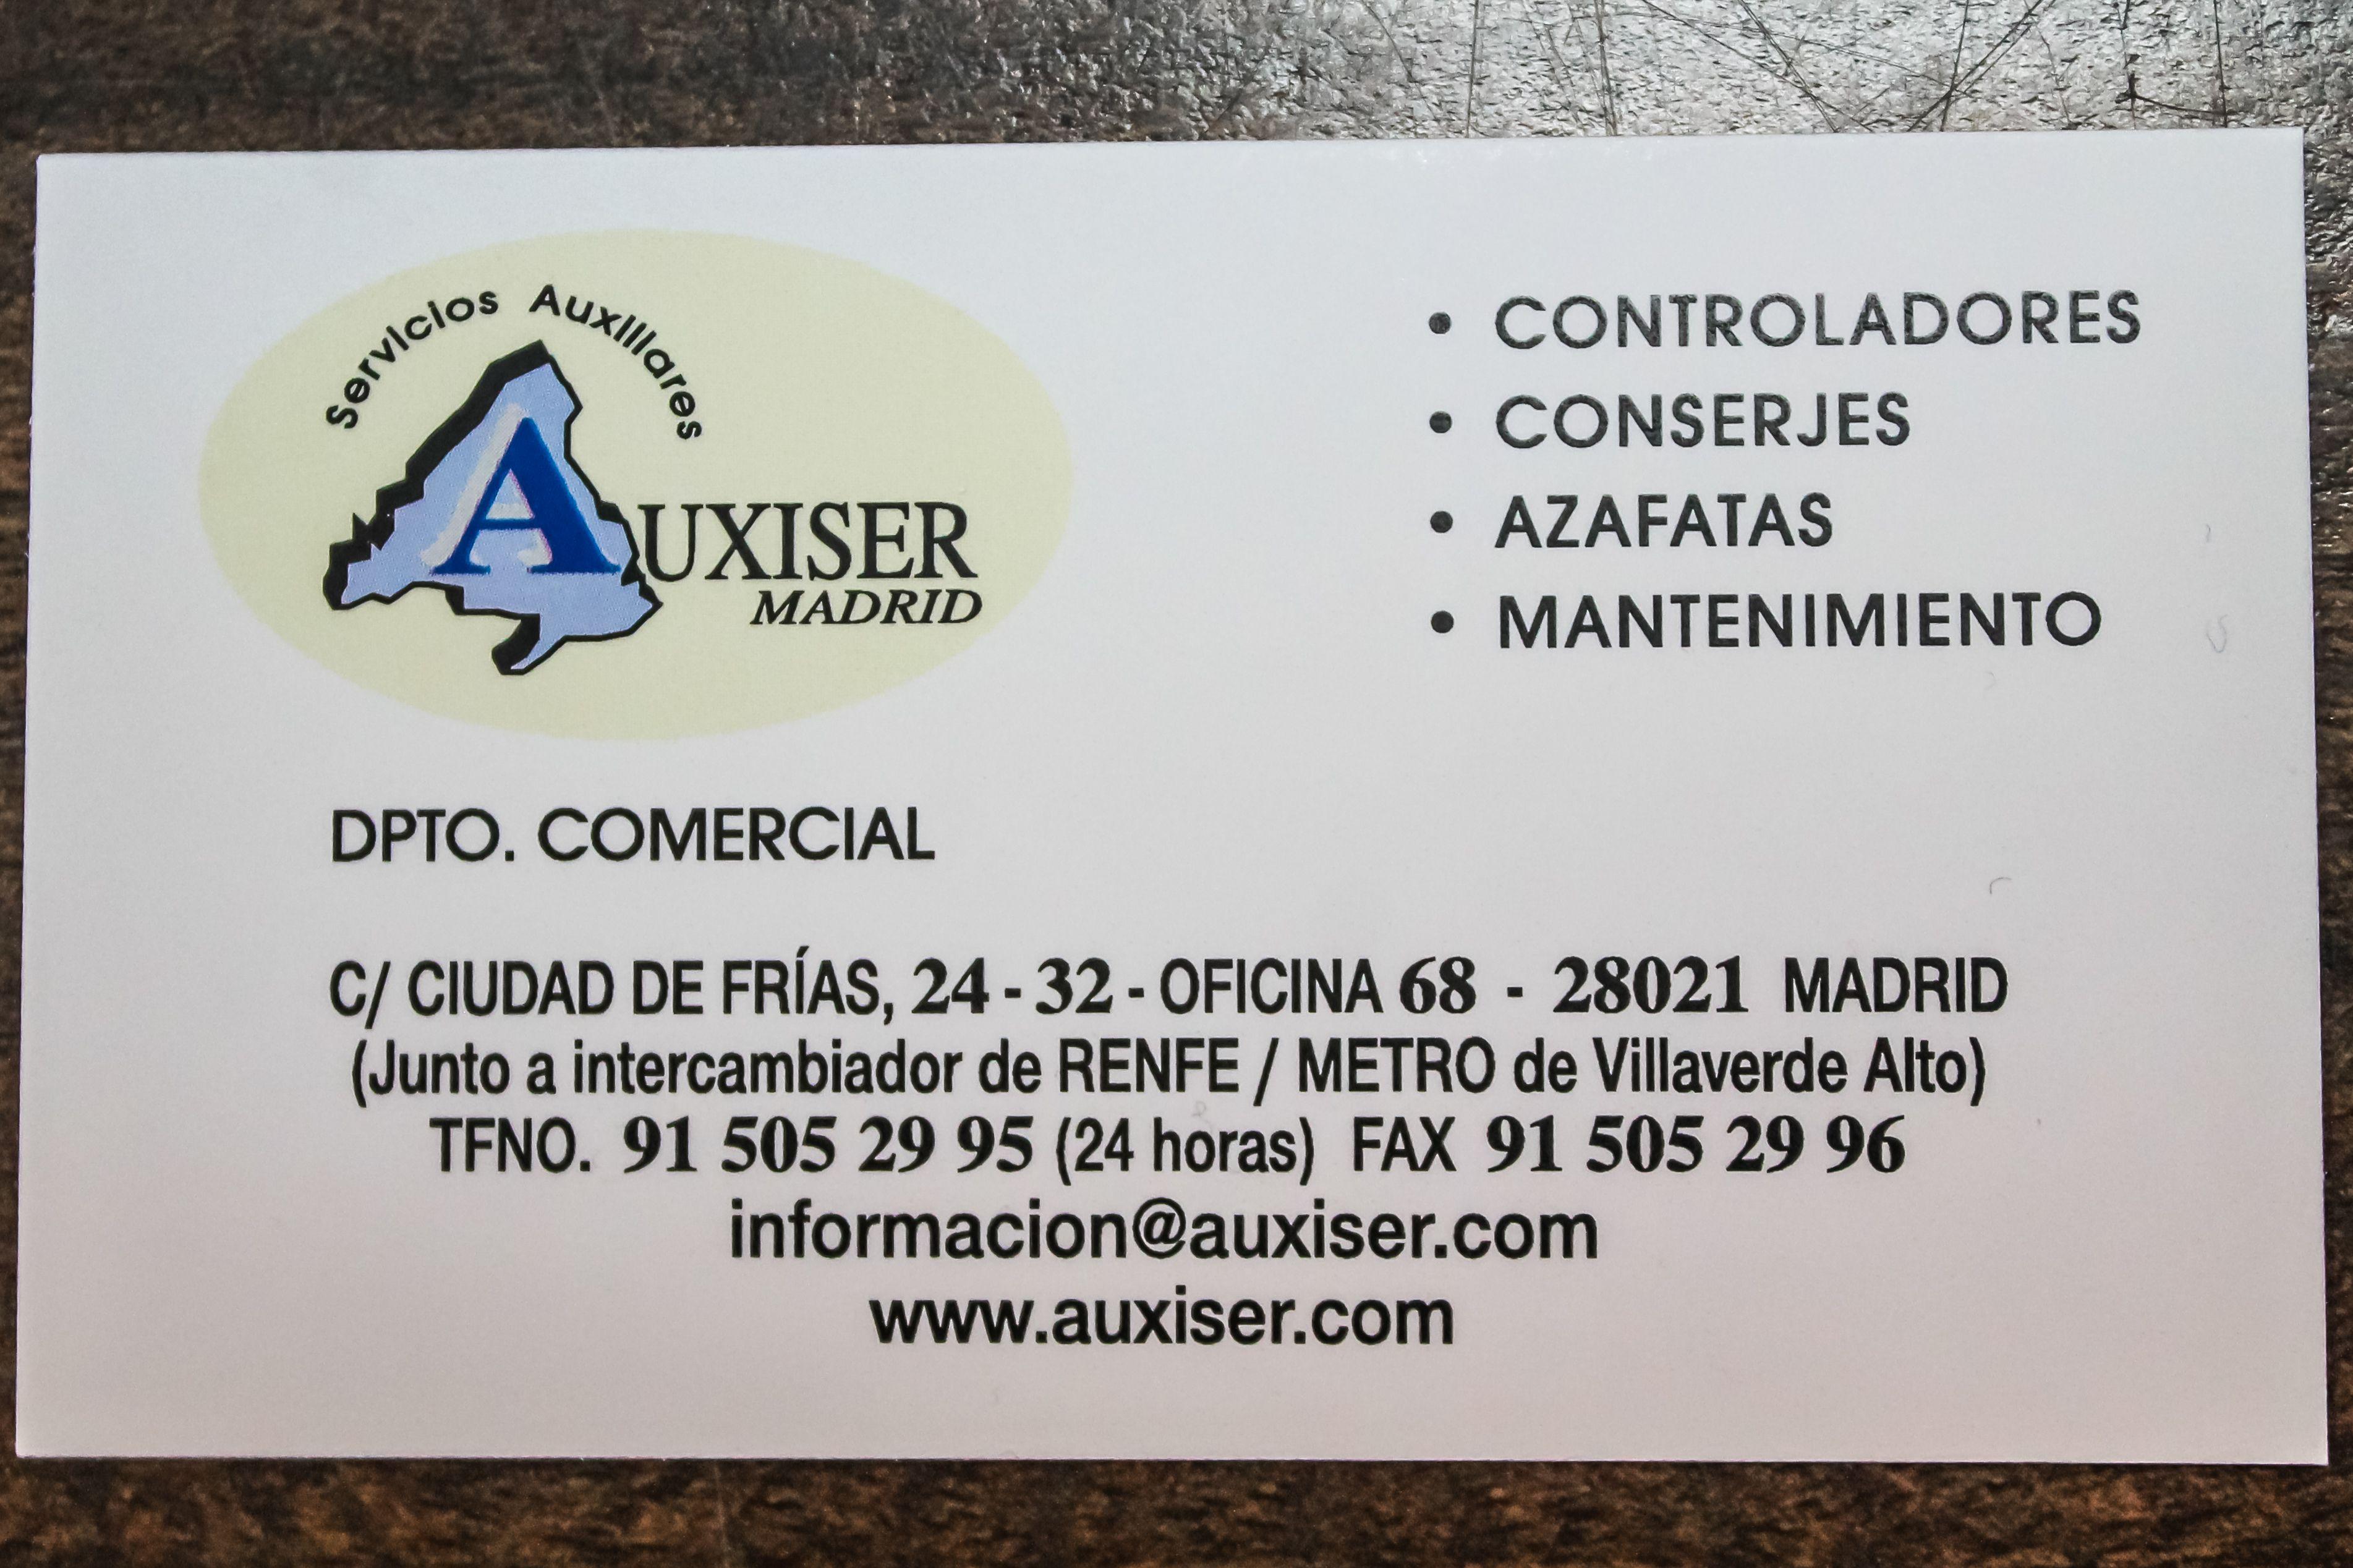 Foto 4 de Controladores en Madrid | Auxiser Madrid Servicios Auxiliares